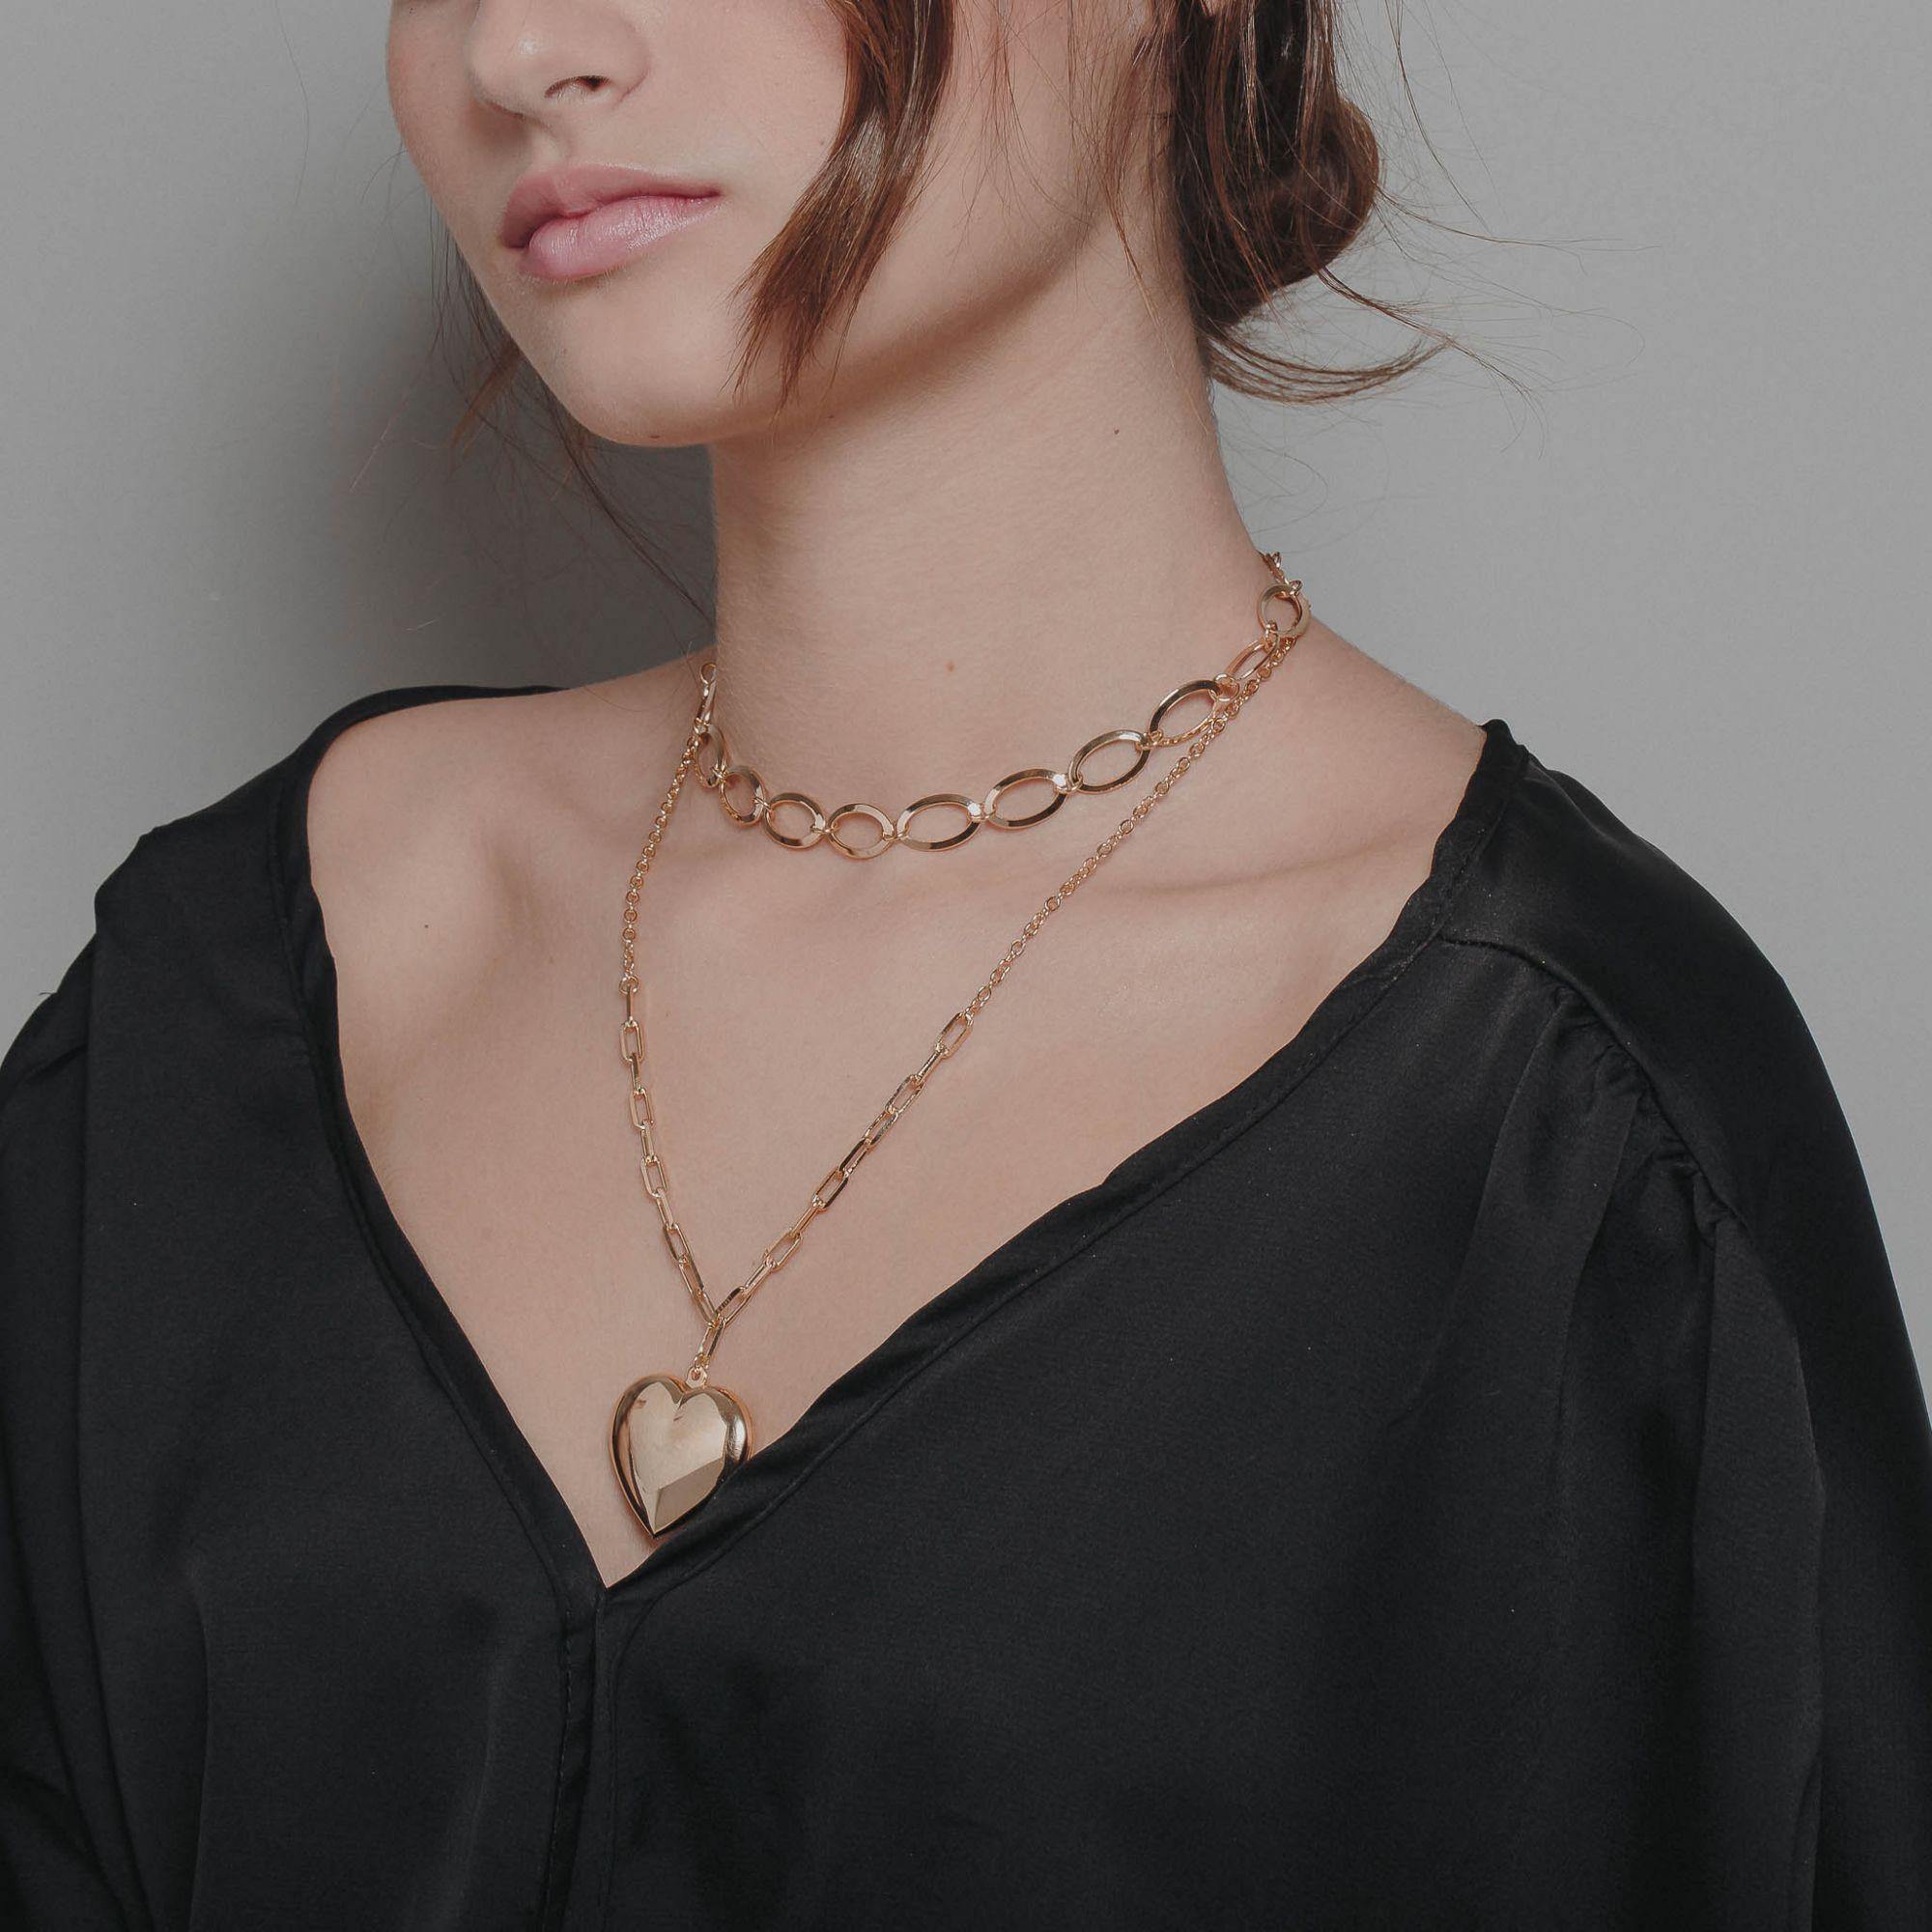 Colar correntaria com pendente liso de coração banhado a ouro 18k.  - bfdecor.com.br